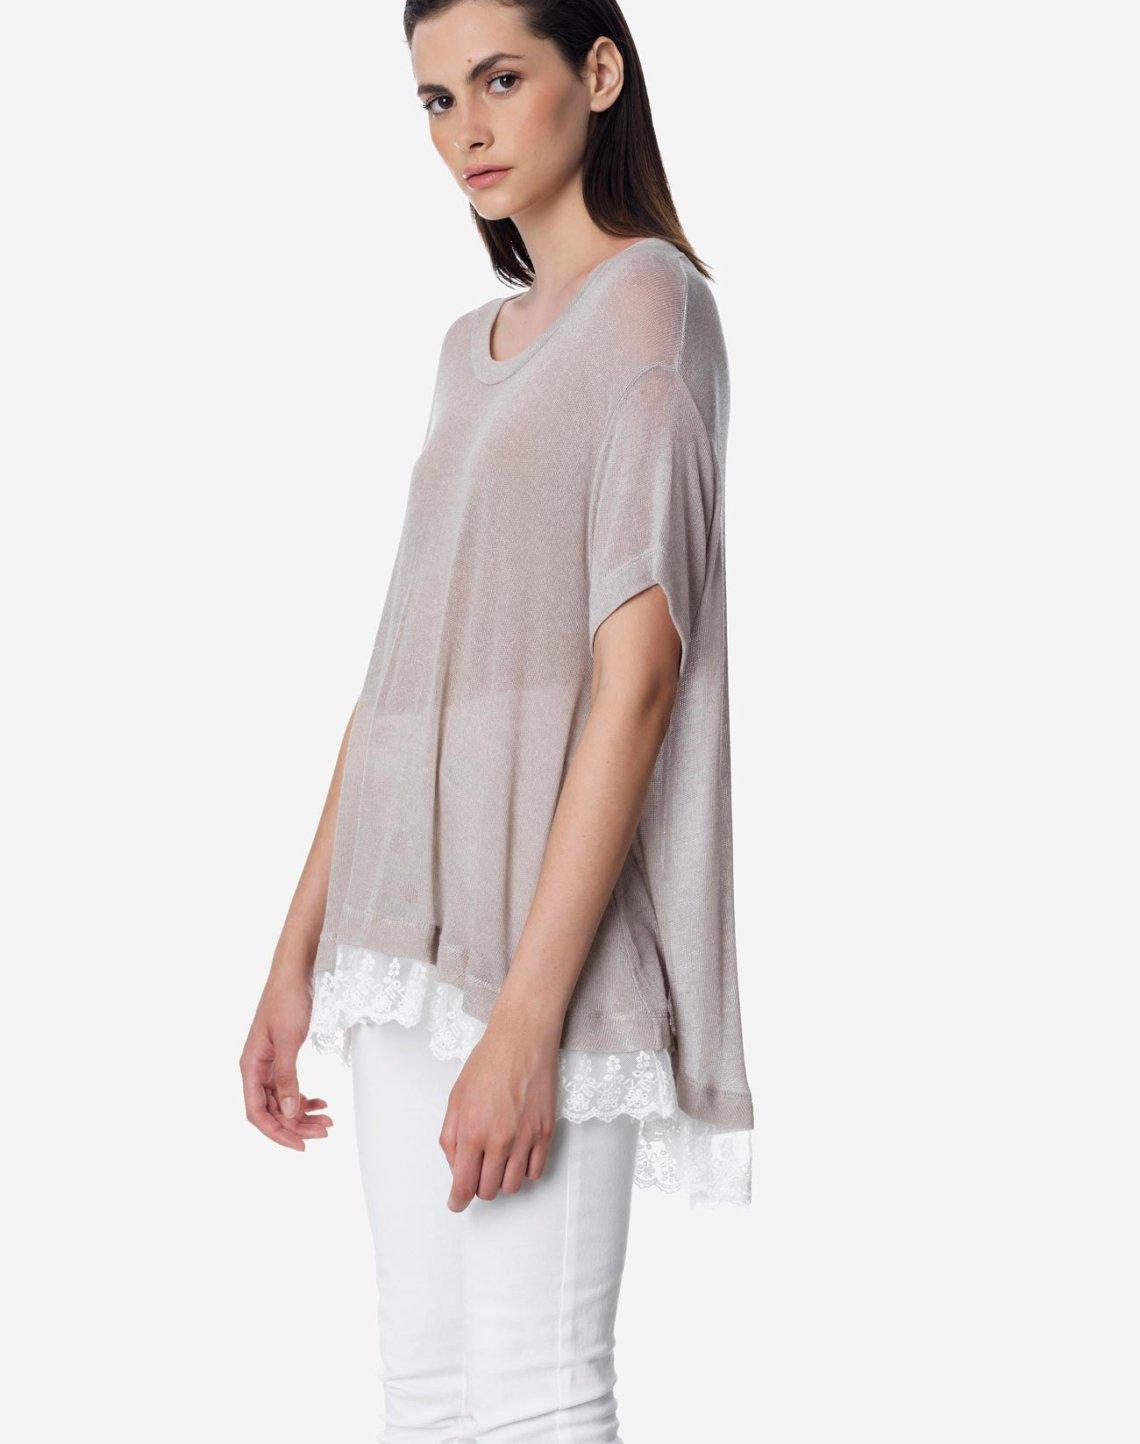 Φαρδιά μπλούζα με δαντέλα